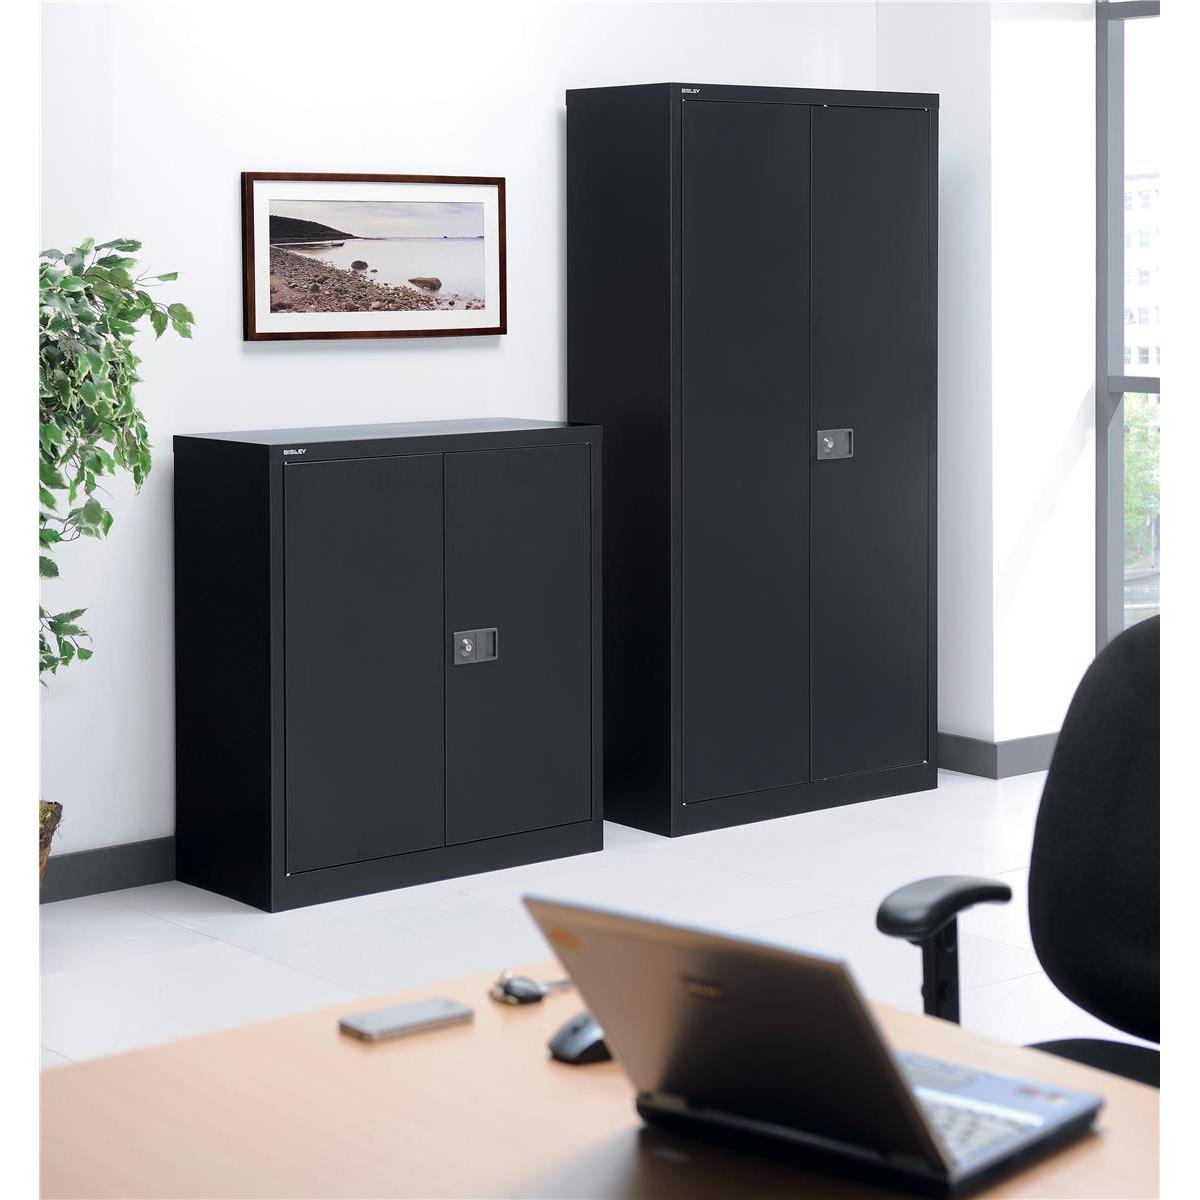 Trexus Two Door Steel Storage Cupboard 914x400x1806mm Black Ref 101210